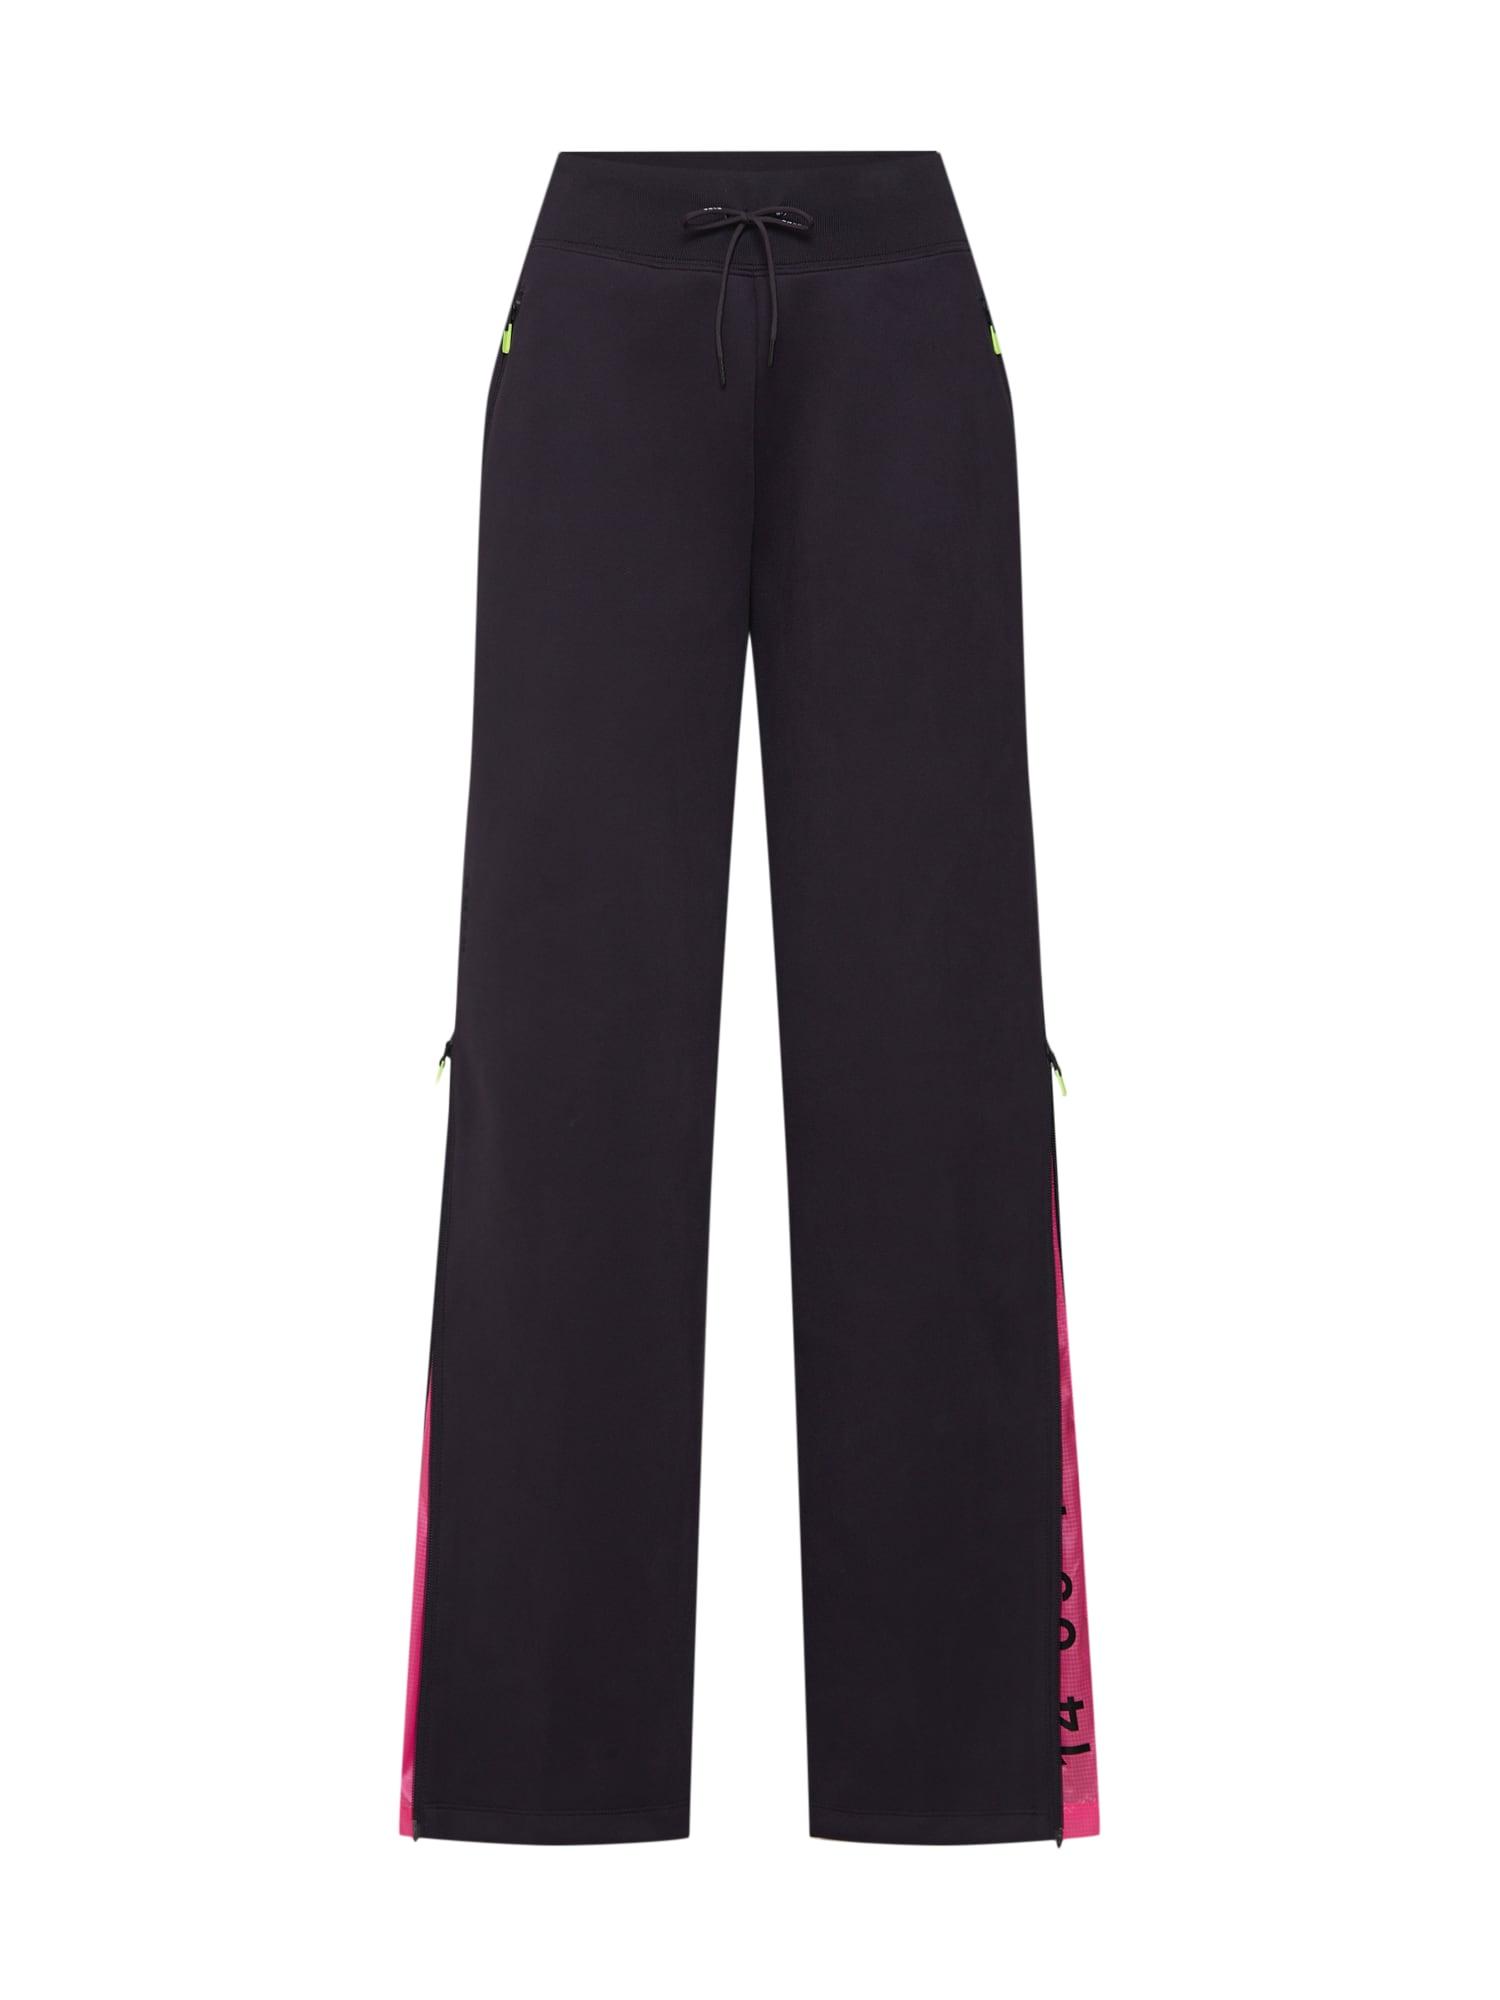 Kalhoty TCH PCK PANT FLC eosin černá Nike Sportswear